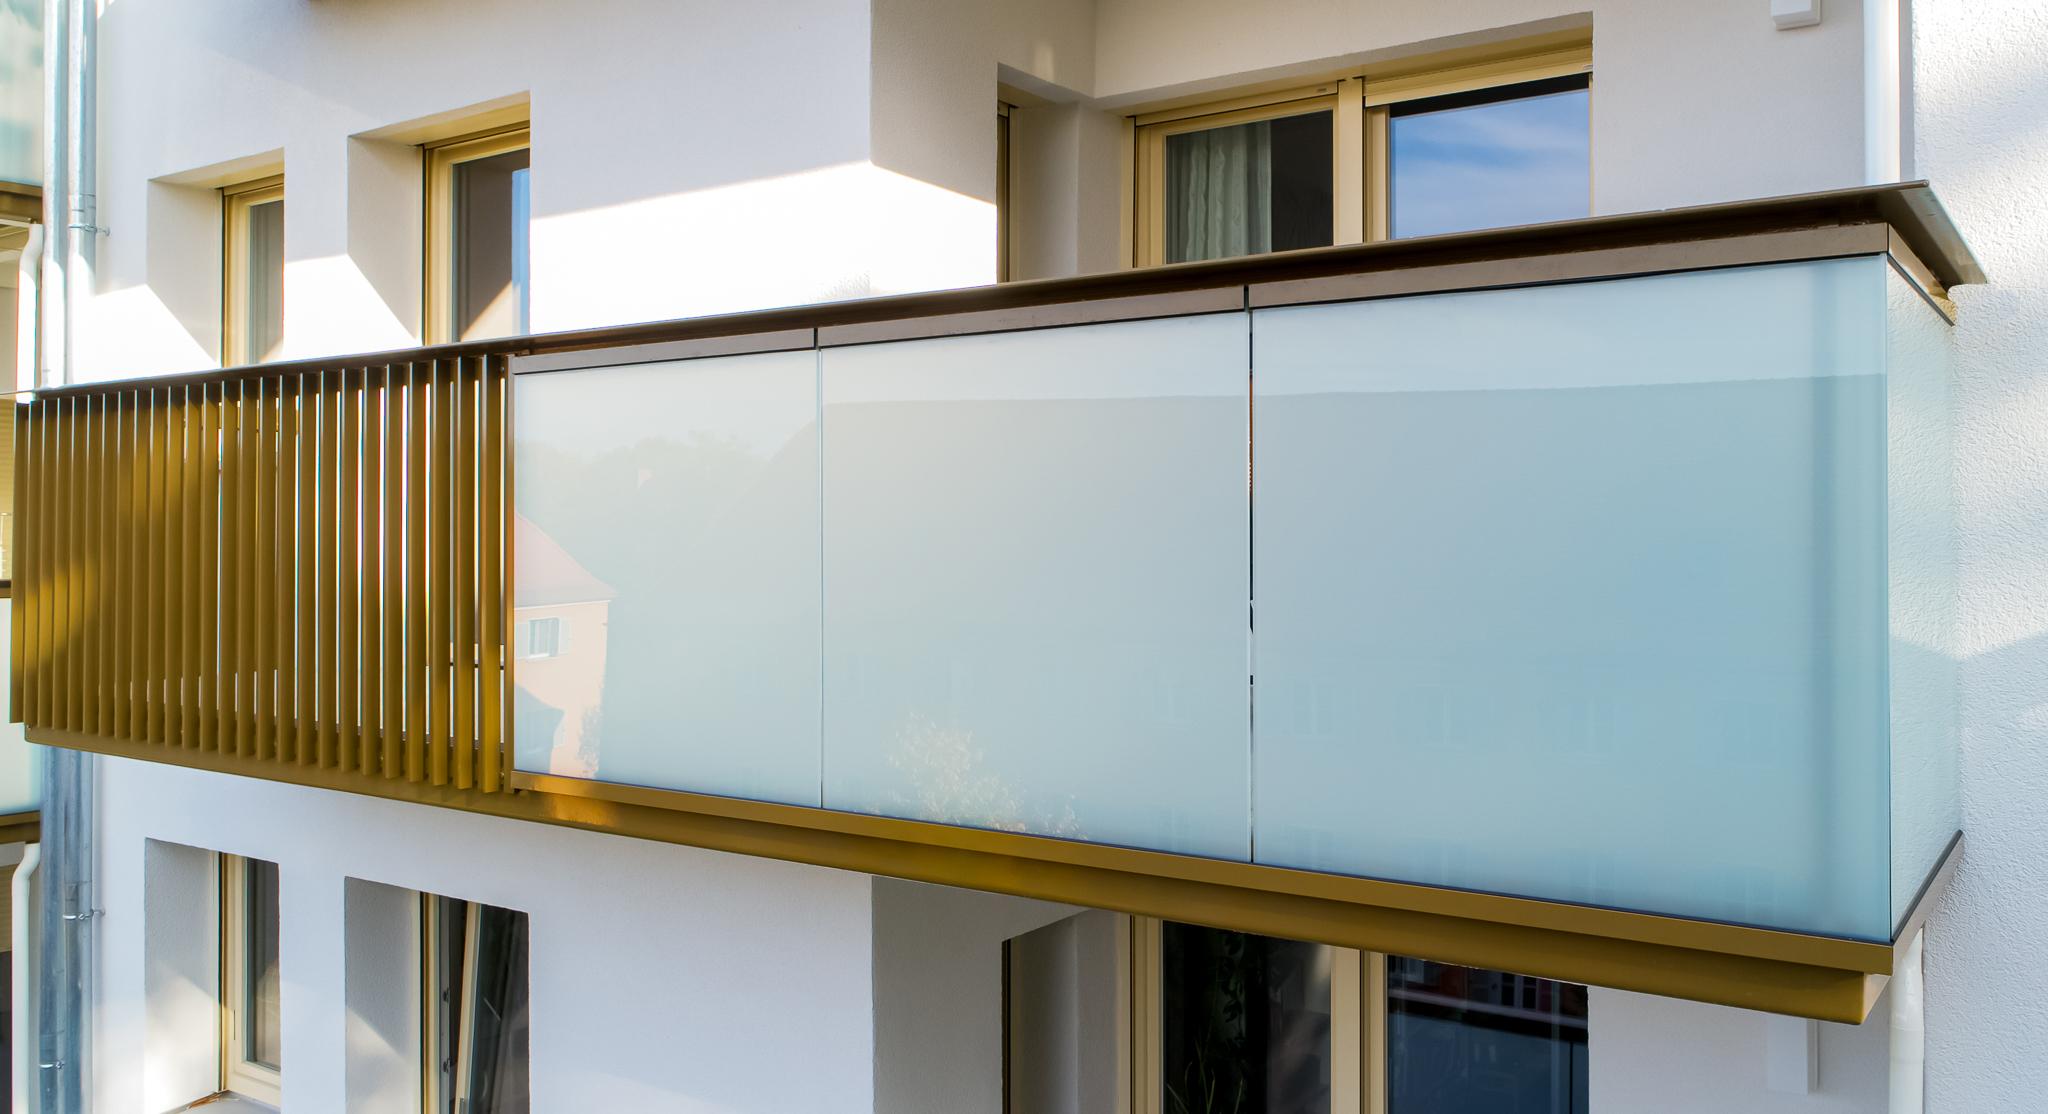 32 Balkone in Nürnberg